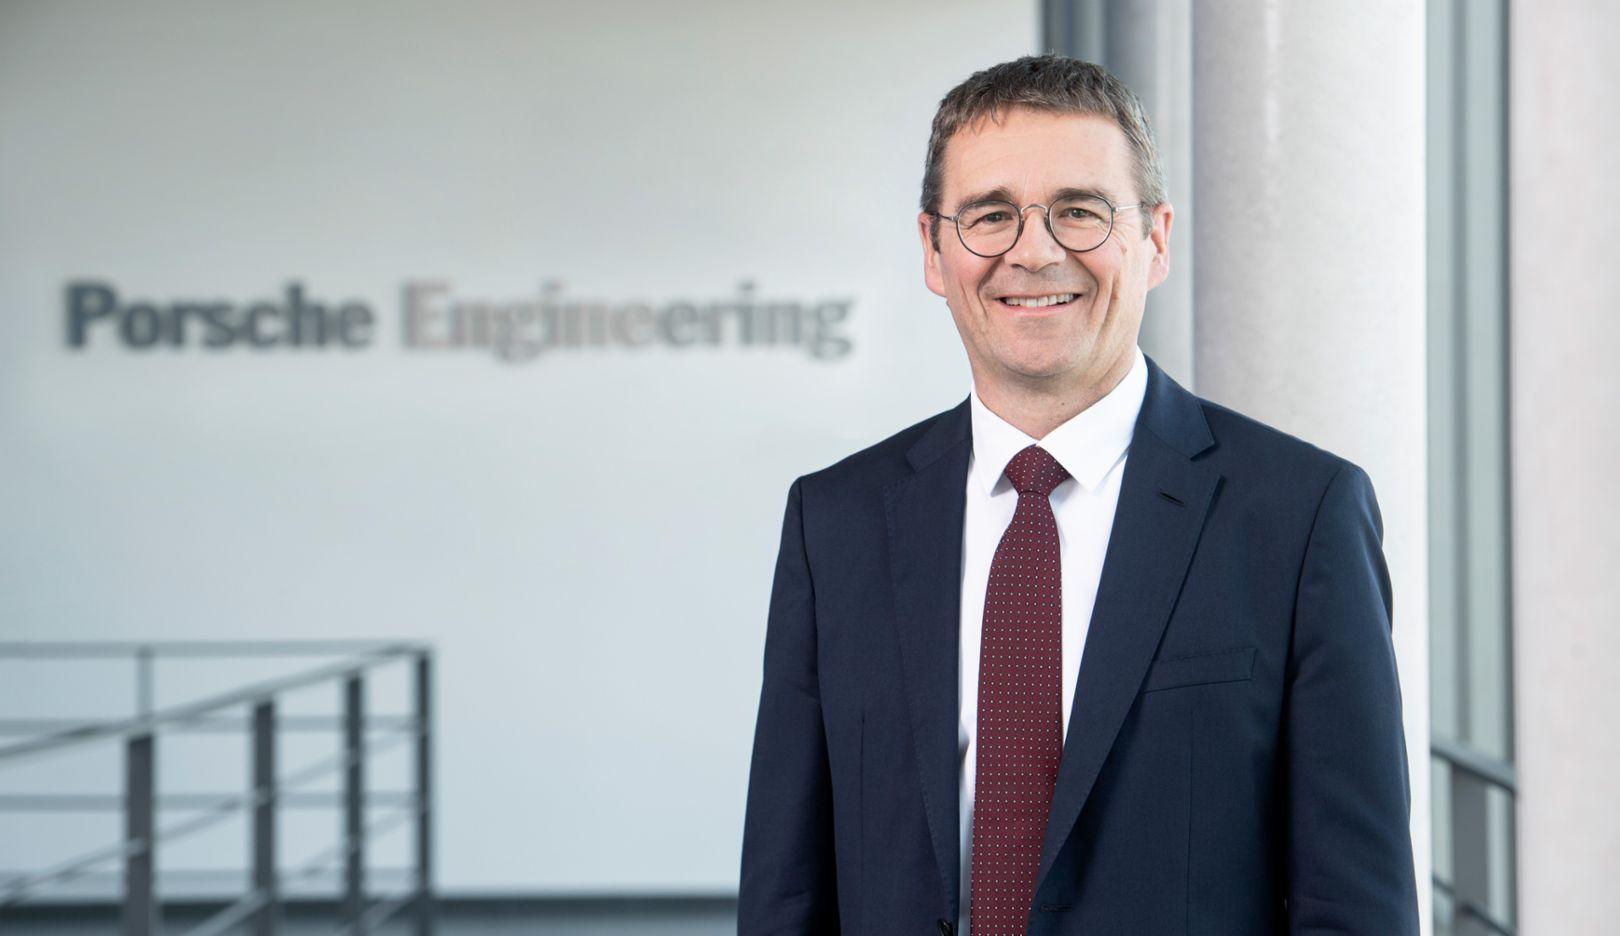 Dr. Peter Schäfer, Vorsitzender der Geschäftsführung bei Porsche Engineering, 2019 Porsche AG